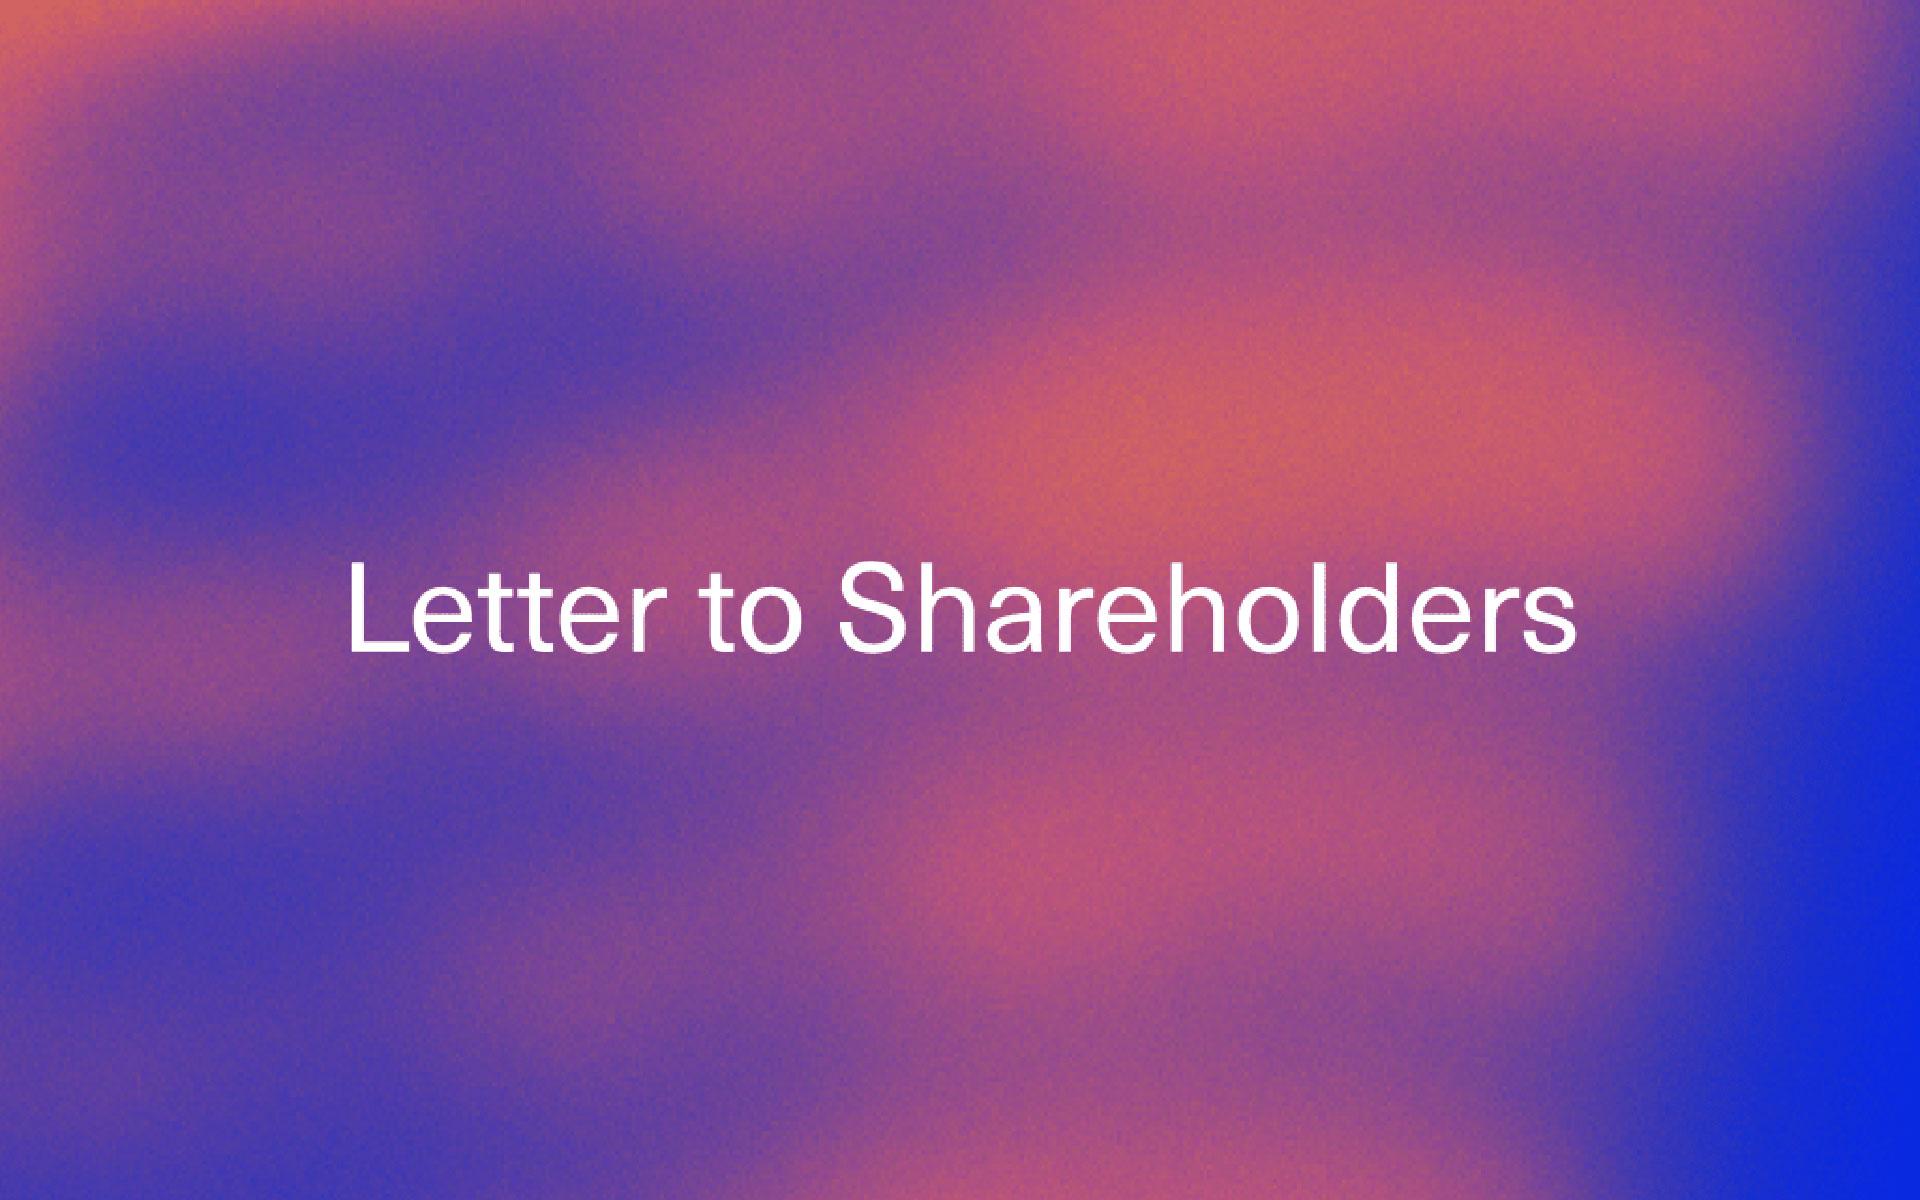 JMDA Q1 2020 Shareholder Letter